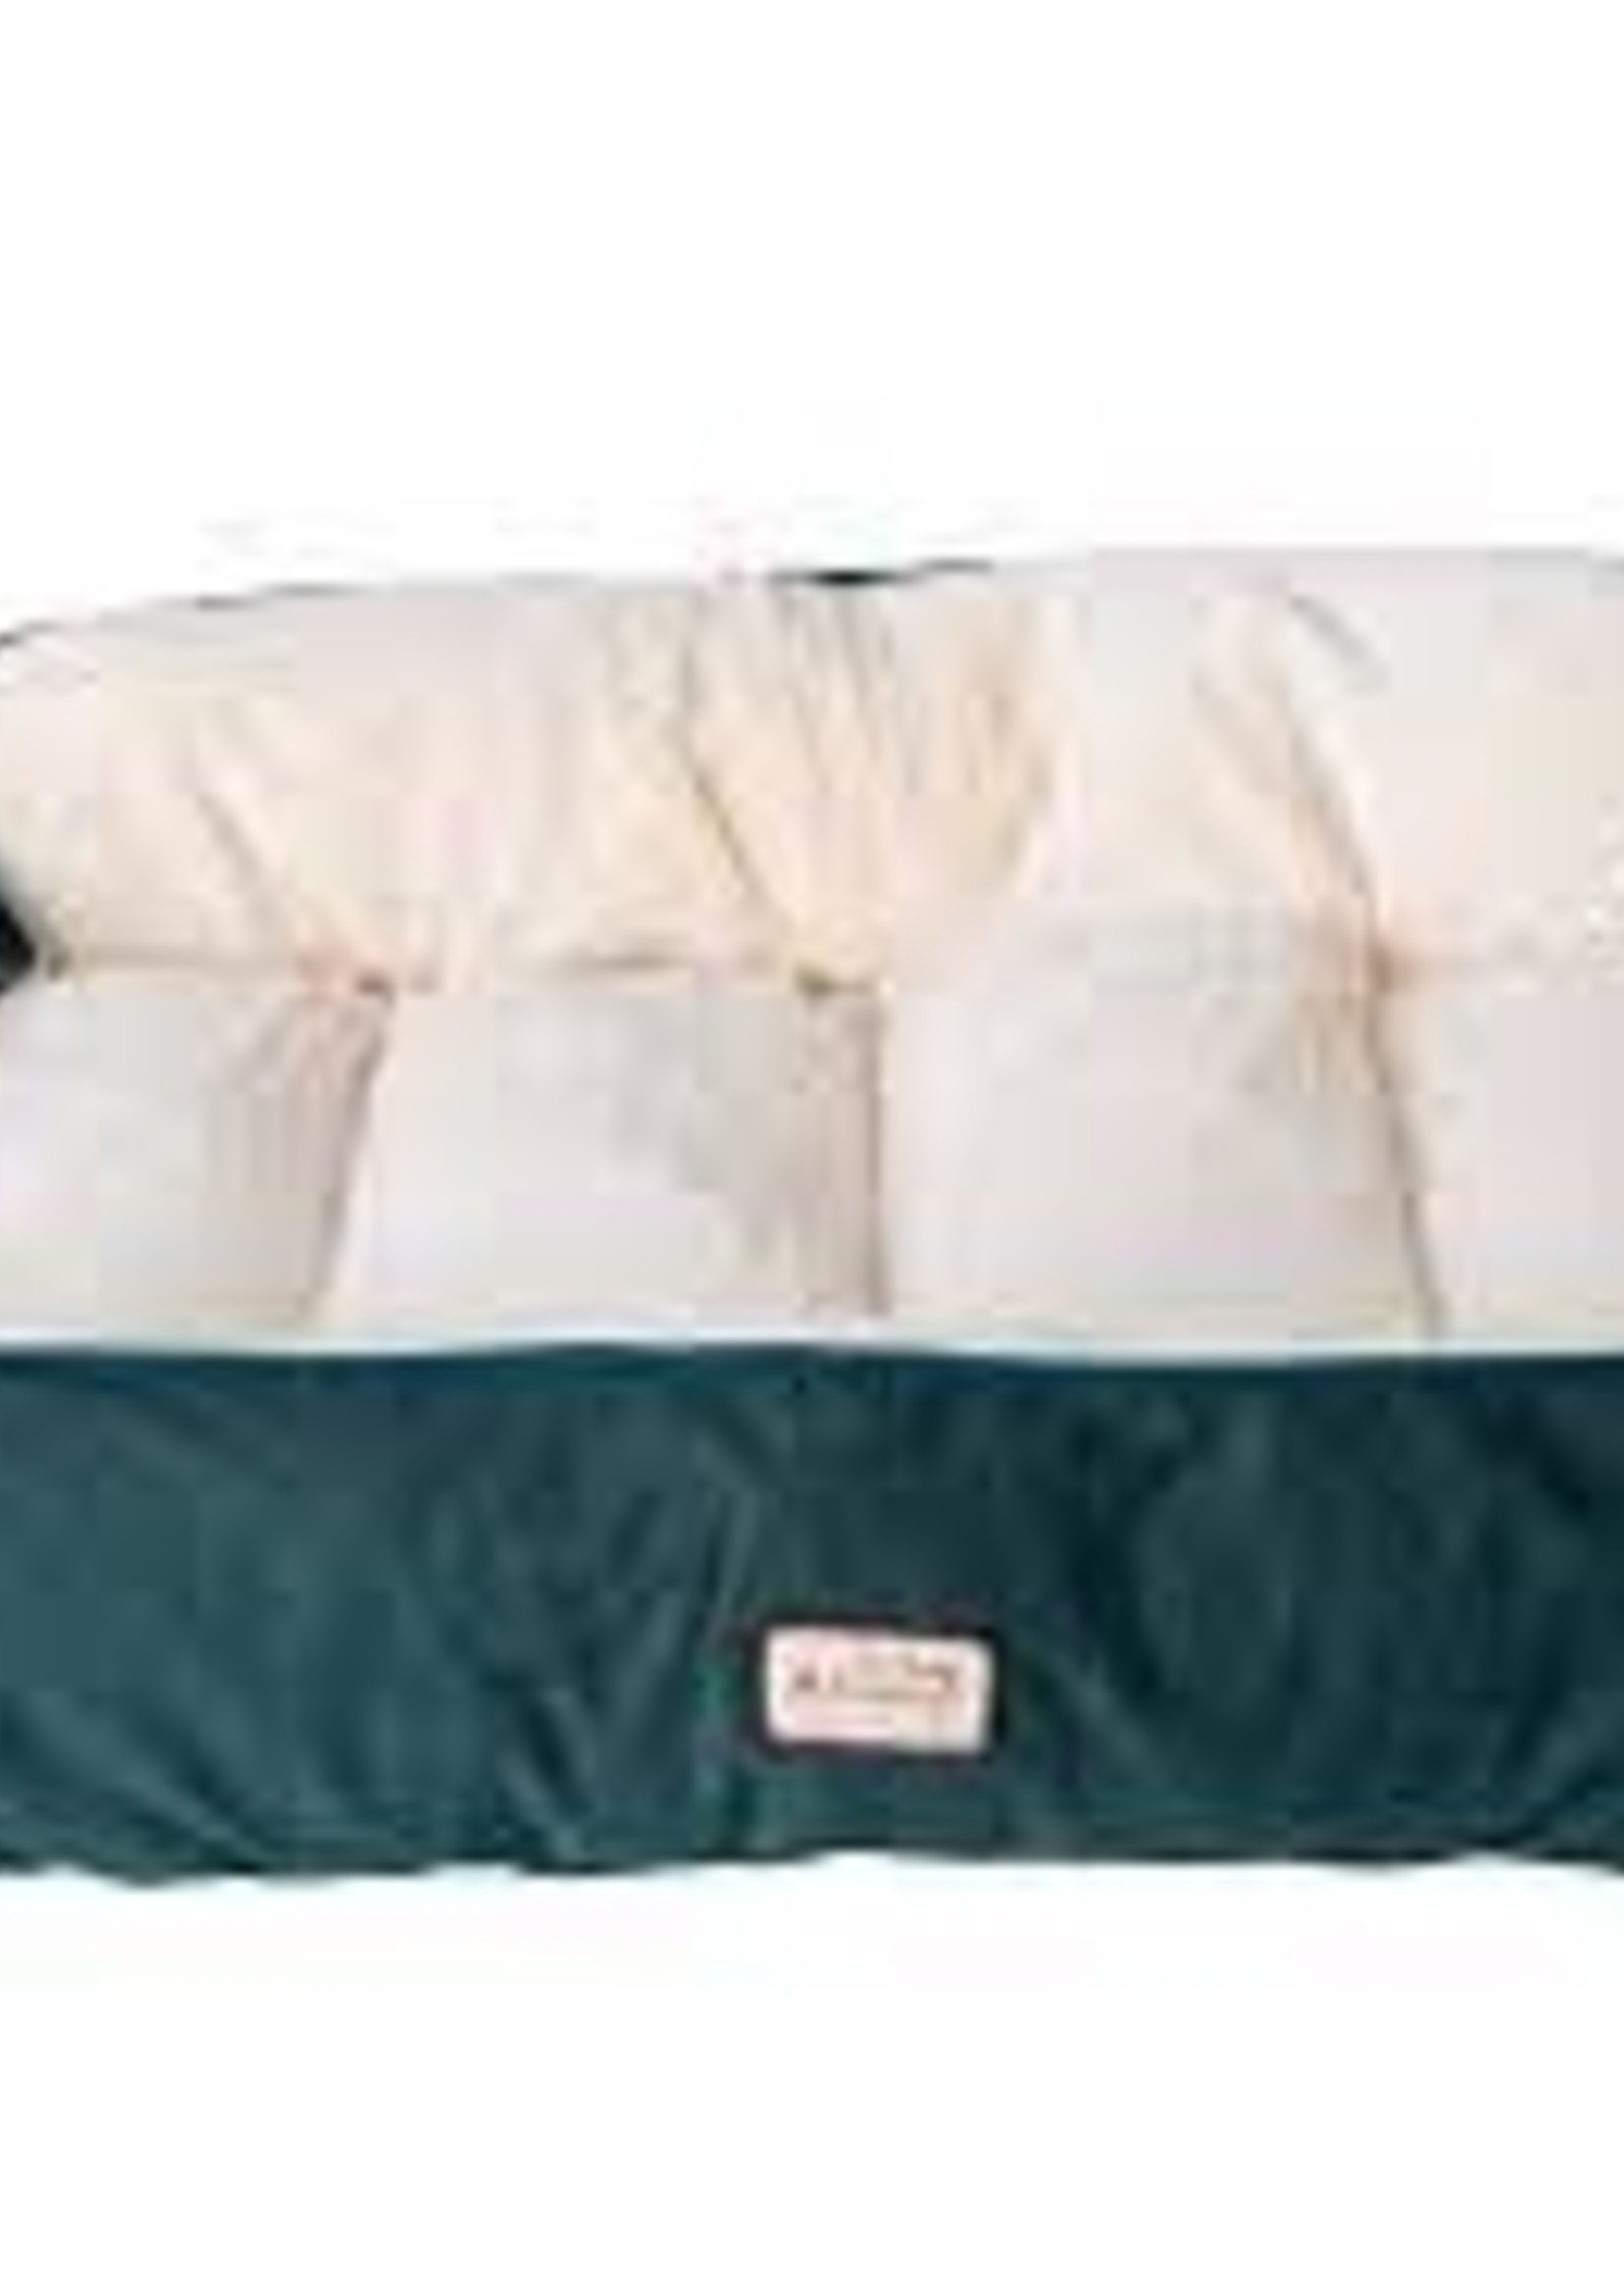 Armarkat Armarkat Large Pet Bed Luxury Dog Cushion Laurel Green/Ivory